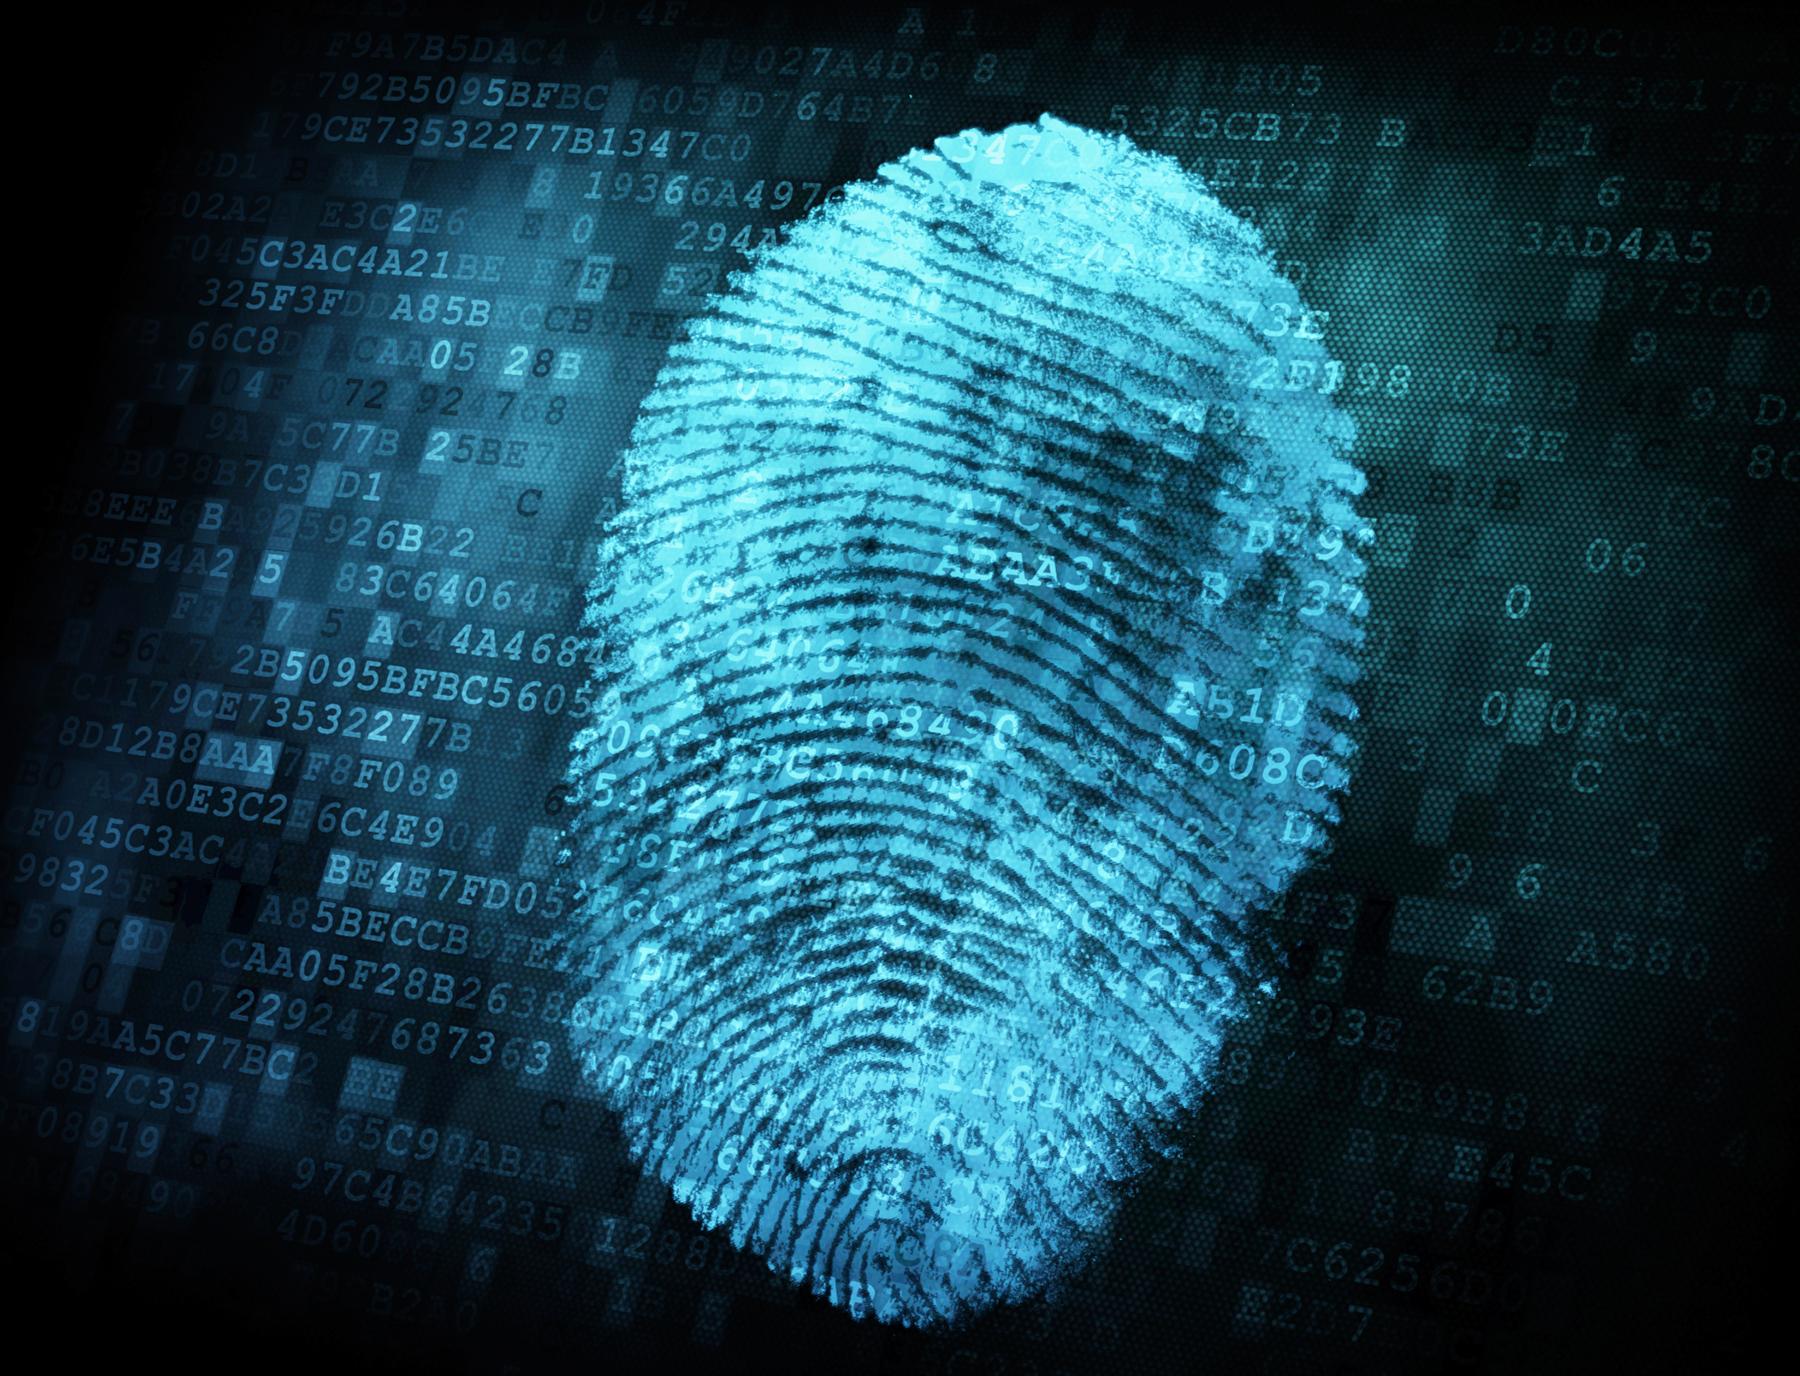 Nederland stemt tegen EU-voorstel omtrent opvragen digitaal bewijsmateriaal